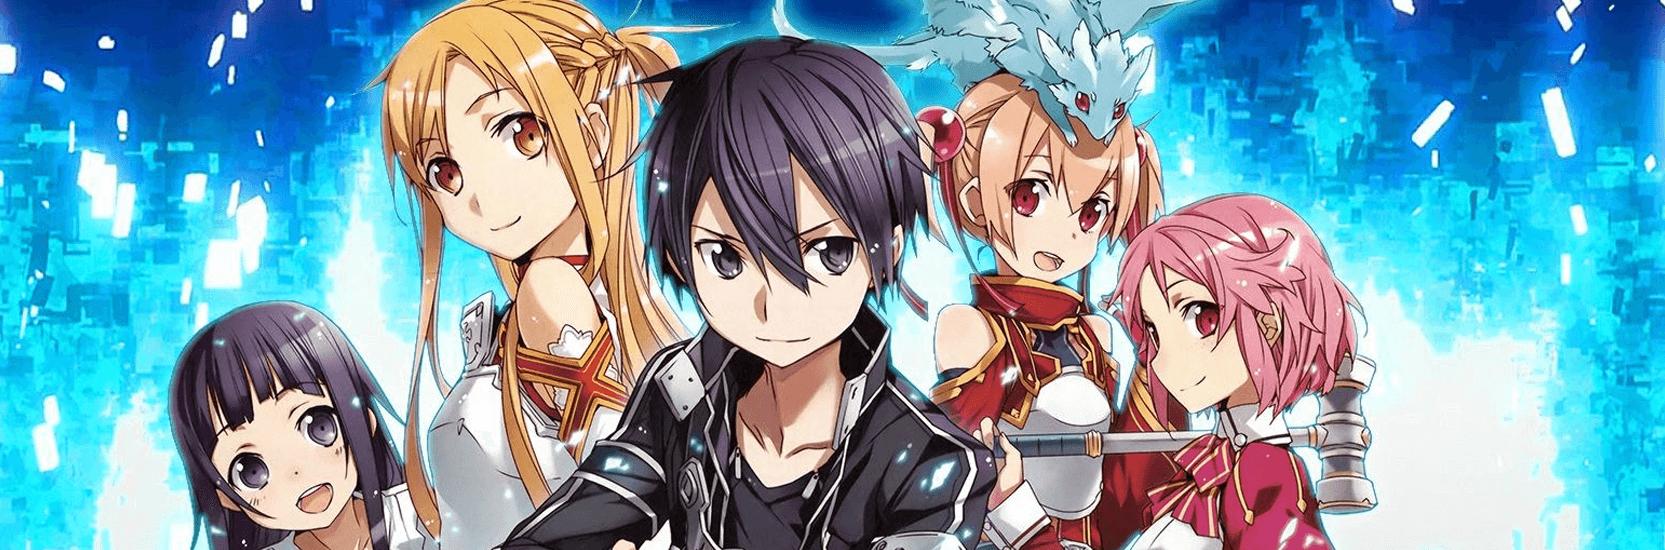 Sword Art Online – Alicization sur Wakanim !